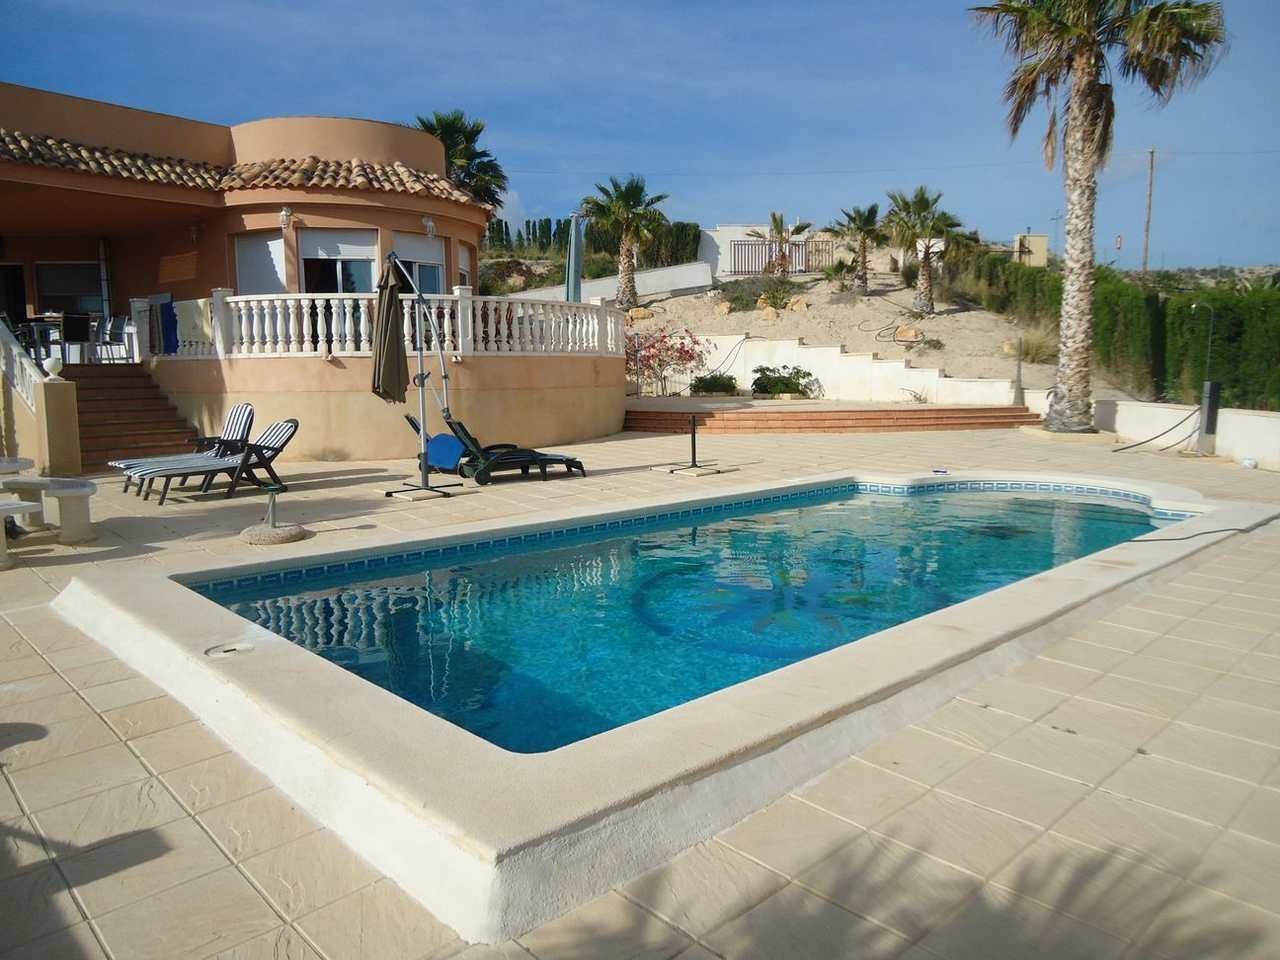 Casa  Alicante / alacant - moralet - cañada del fenollar. Gran lujo - ¡superocasion! - se vende fantastica y amplia villa